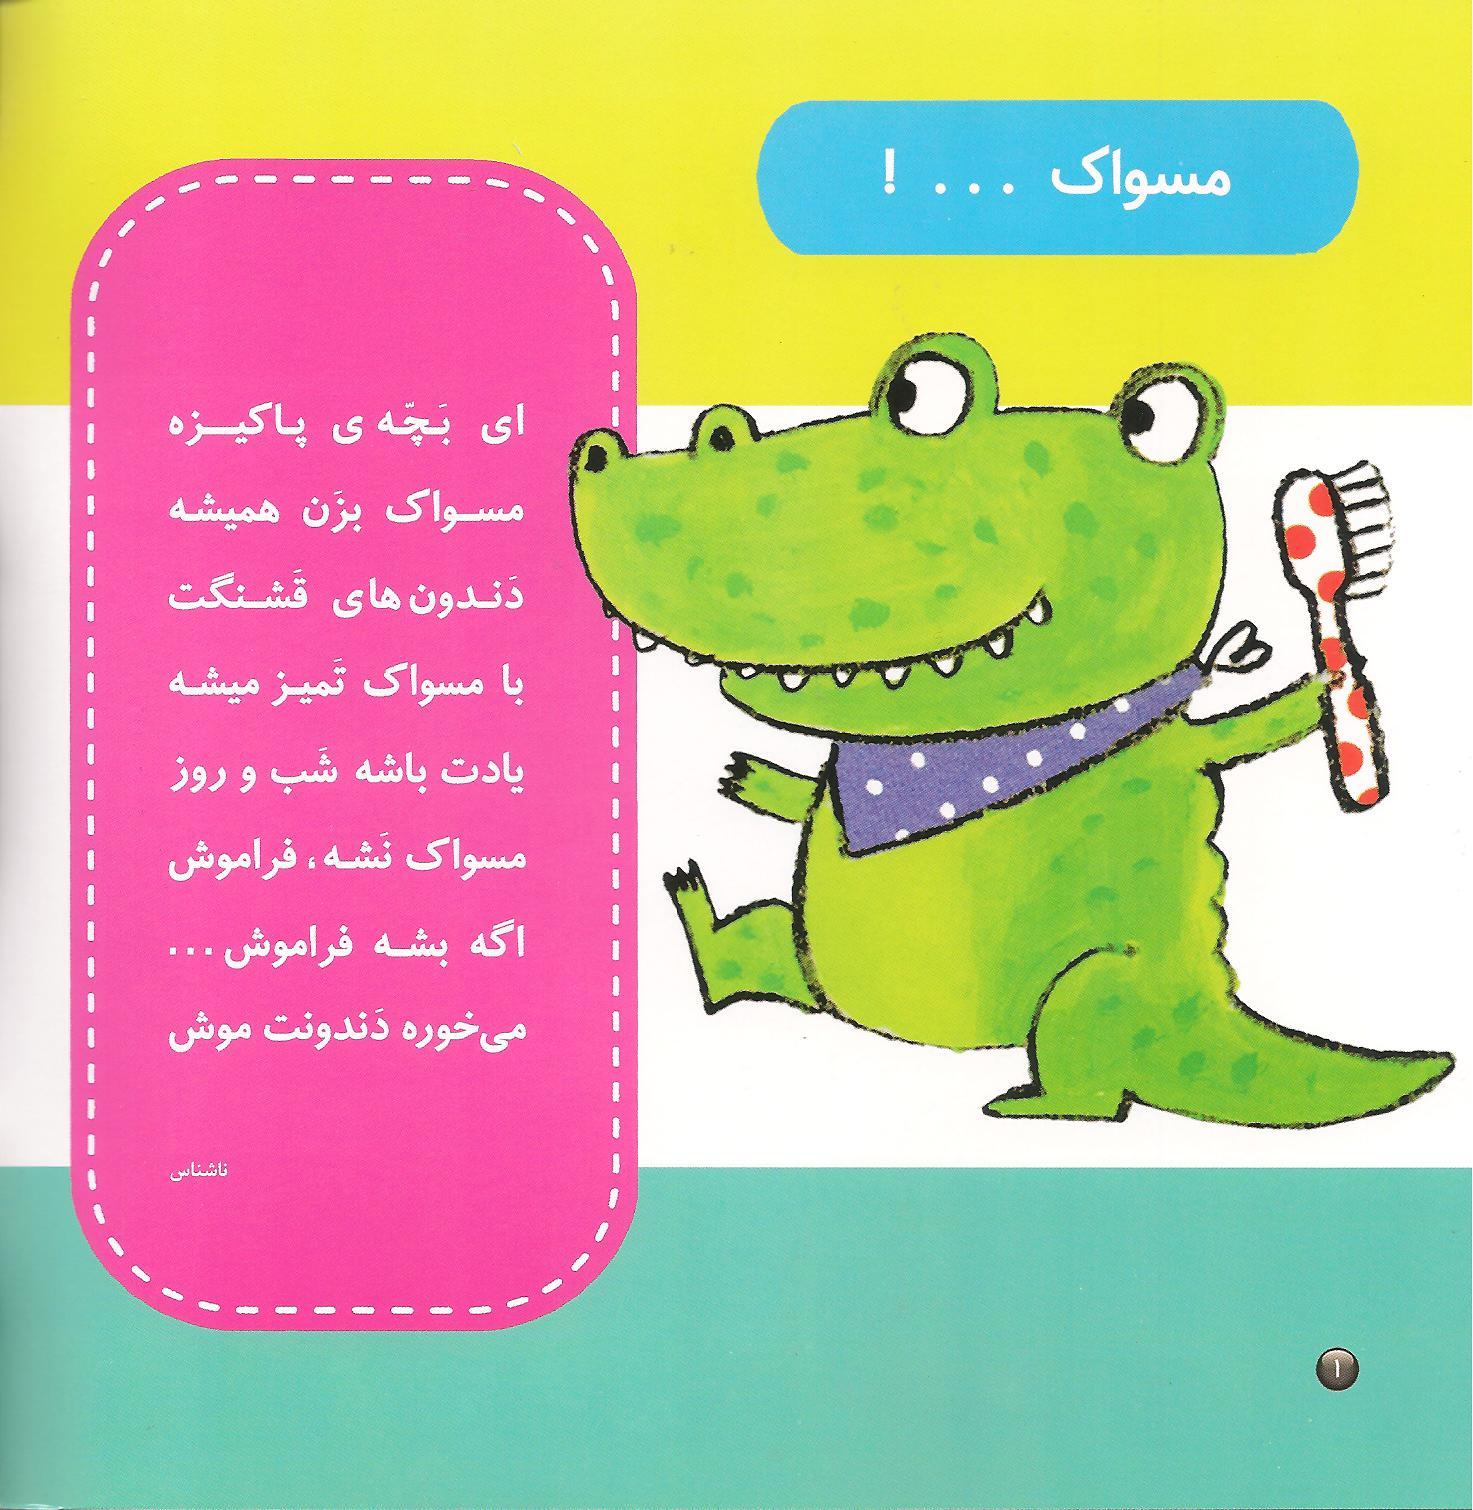 کتاب نی نی تپلی 2 (تمساح کوچولو مسواک میزنه!)،(گلاسه)